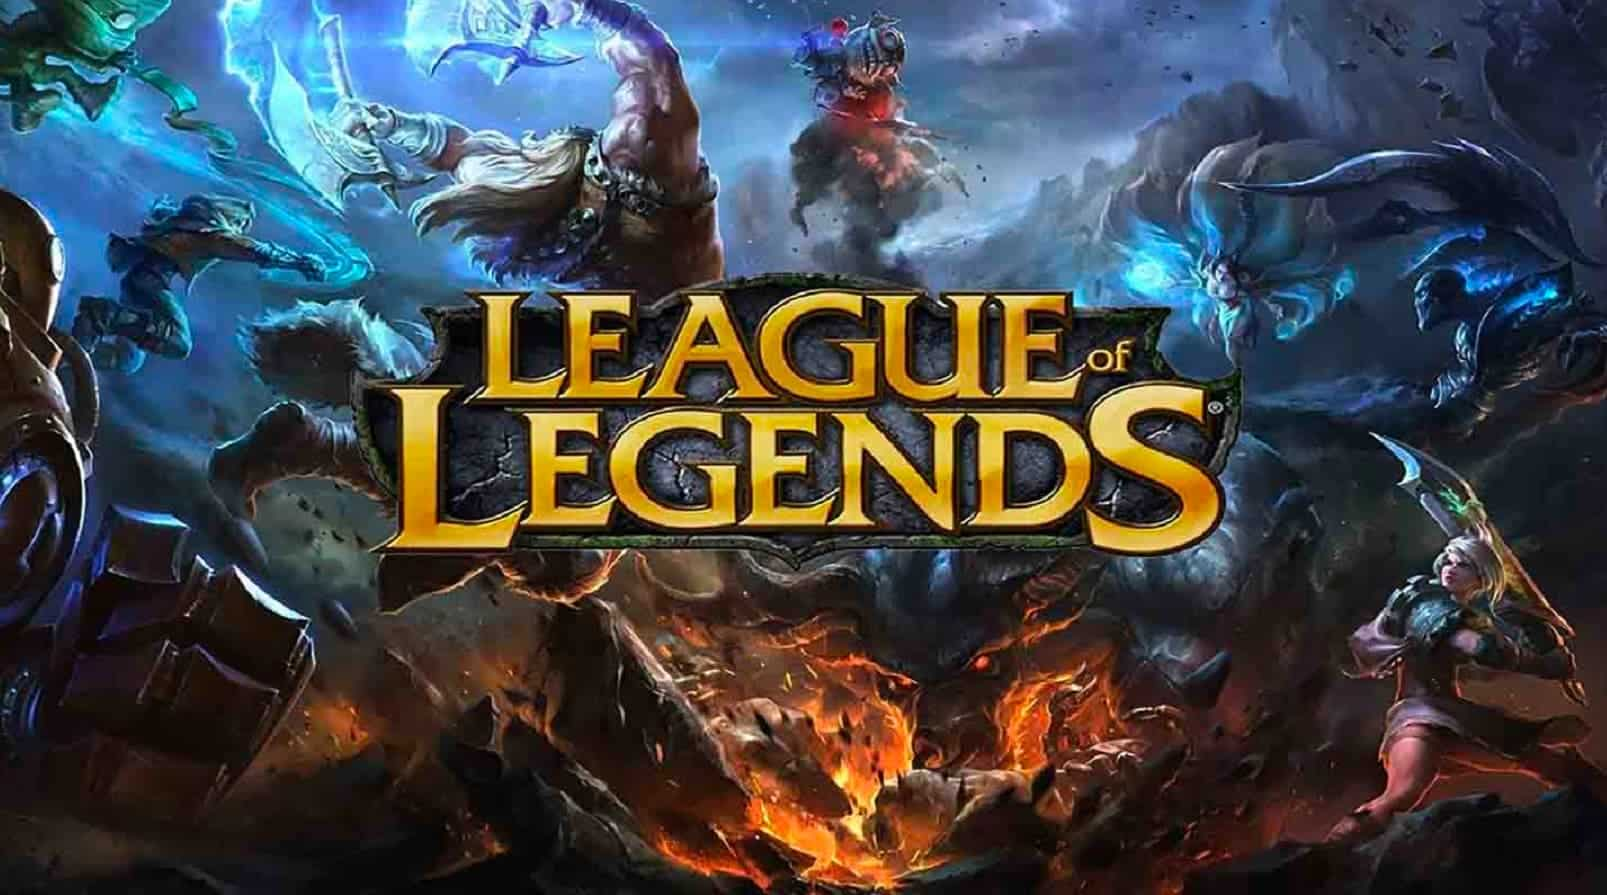 Battleborn - League of Legends